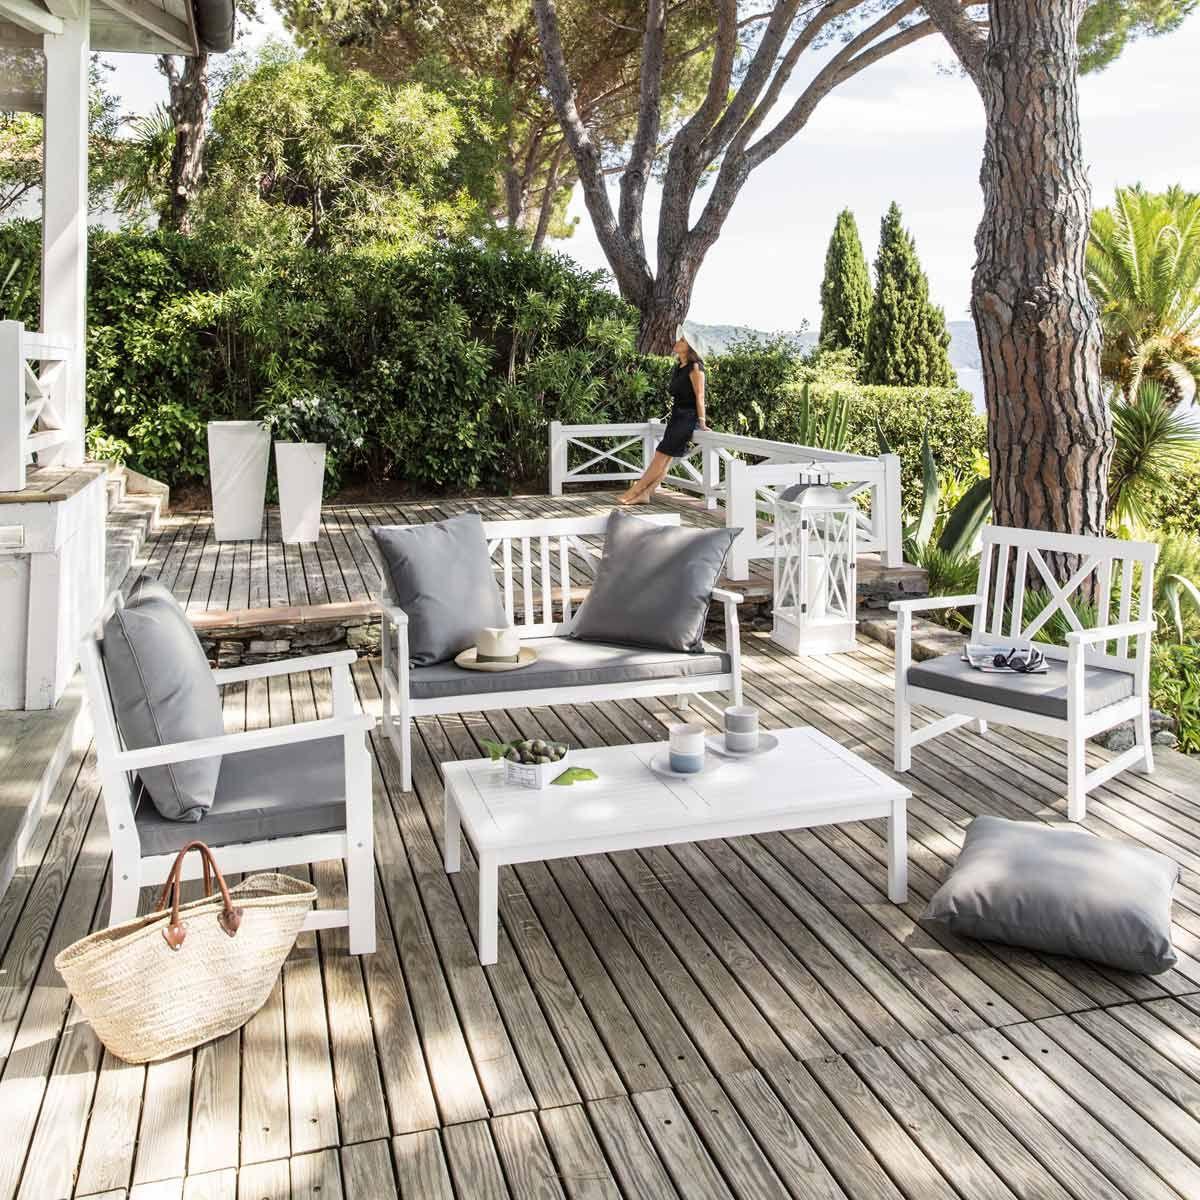 gardens classic and belle on pinterest - Maison Du Monde Ballerina